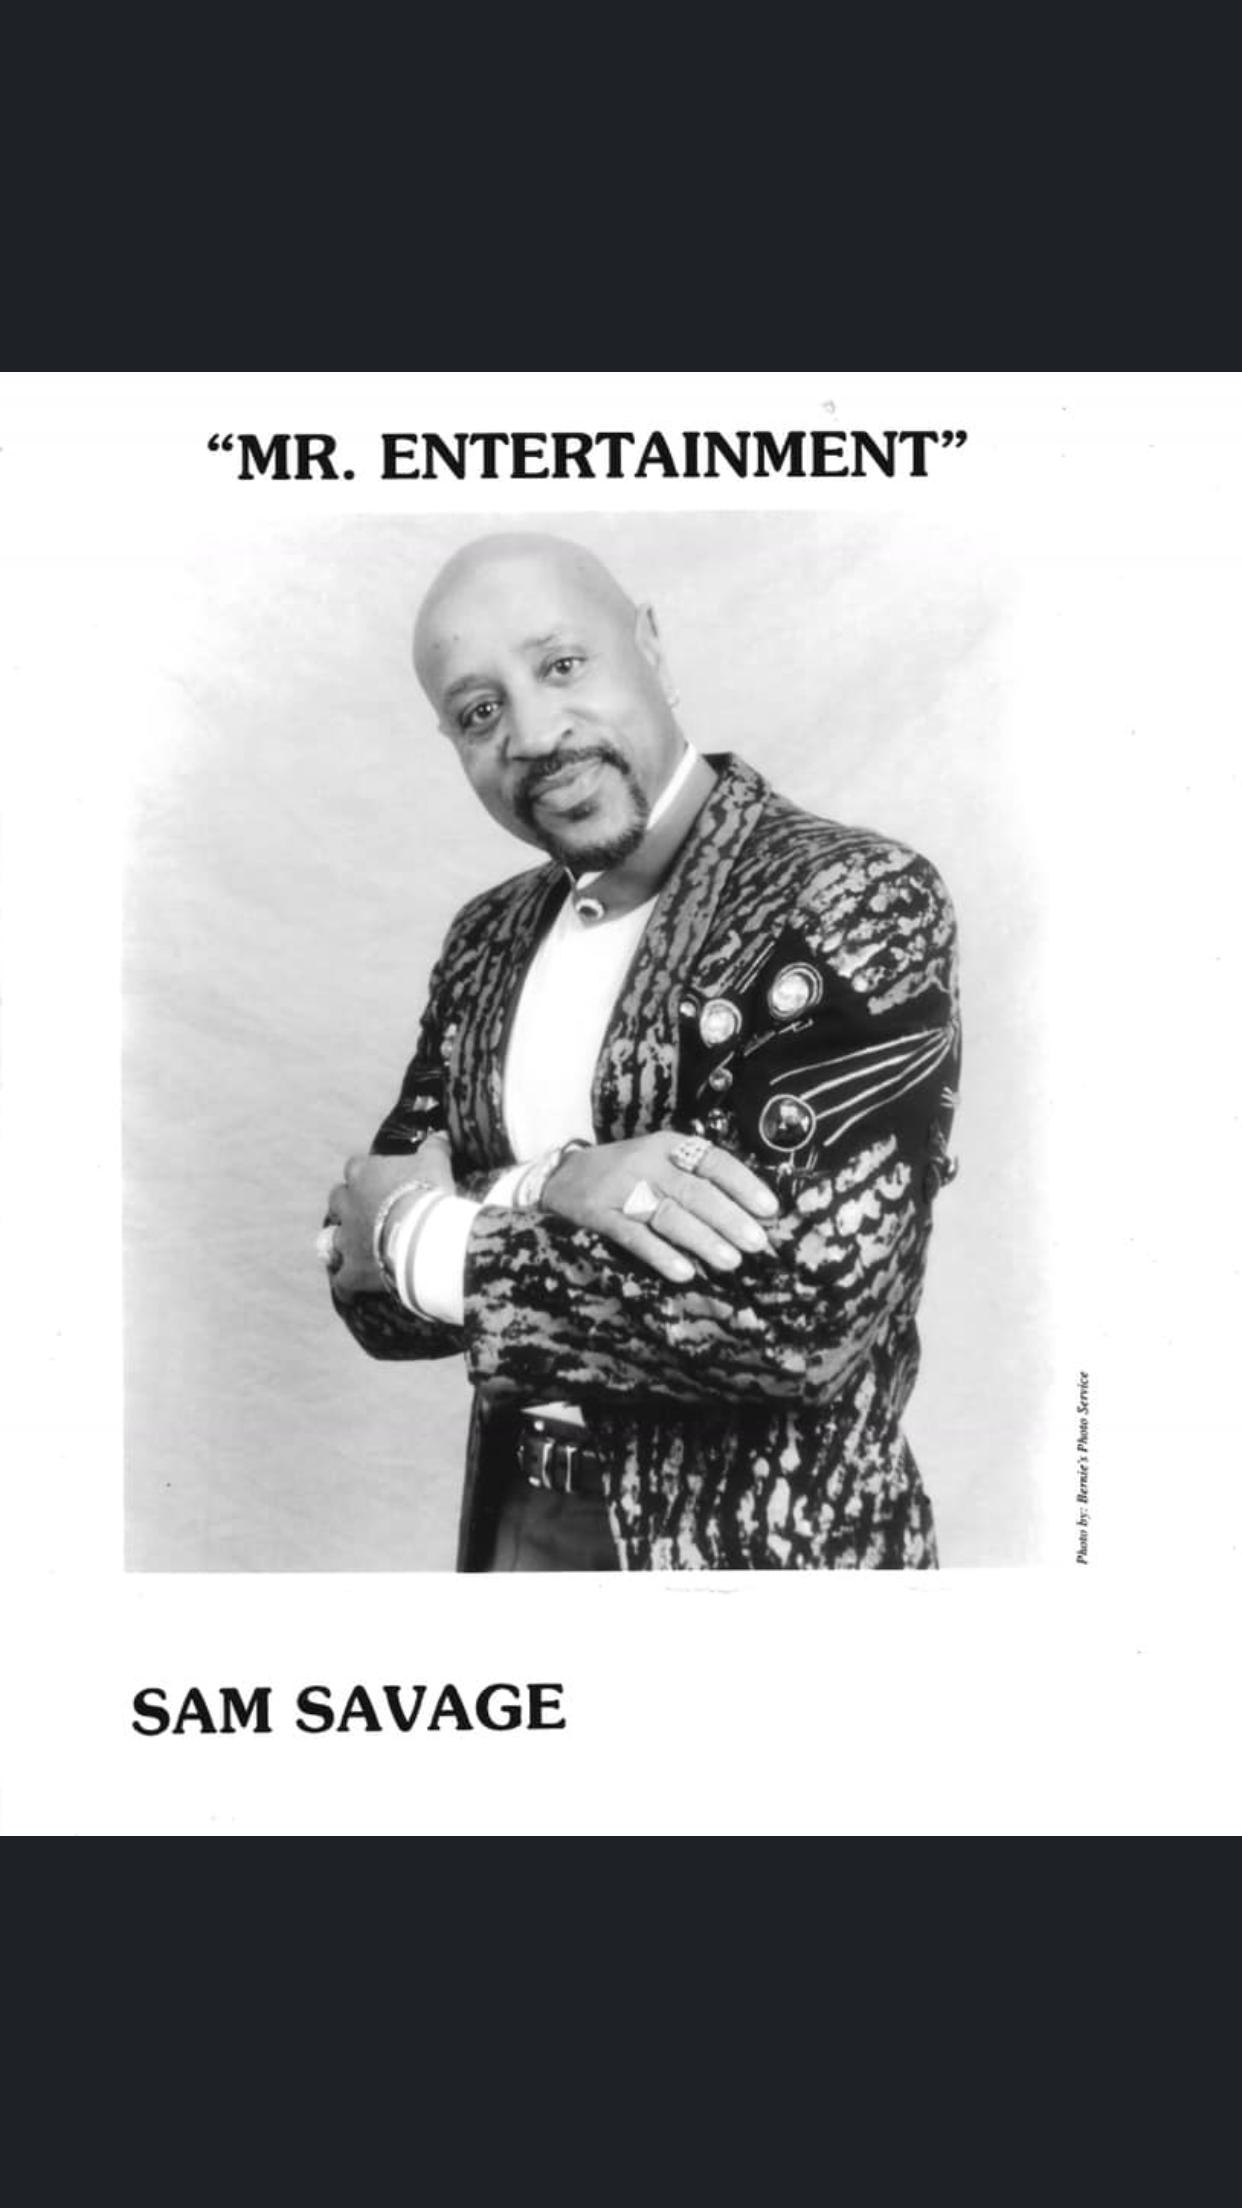 Sam Savage